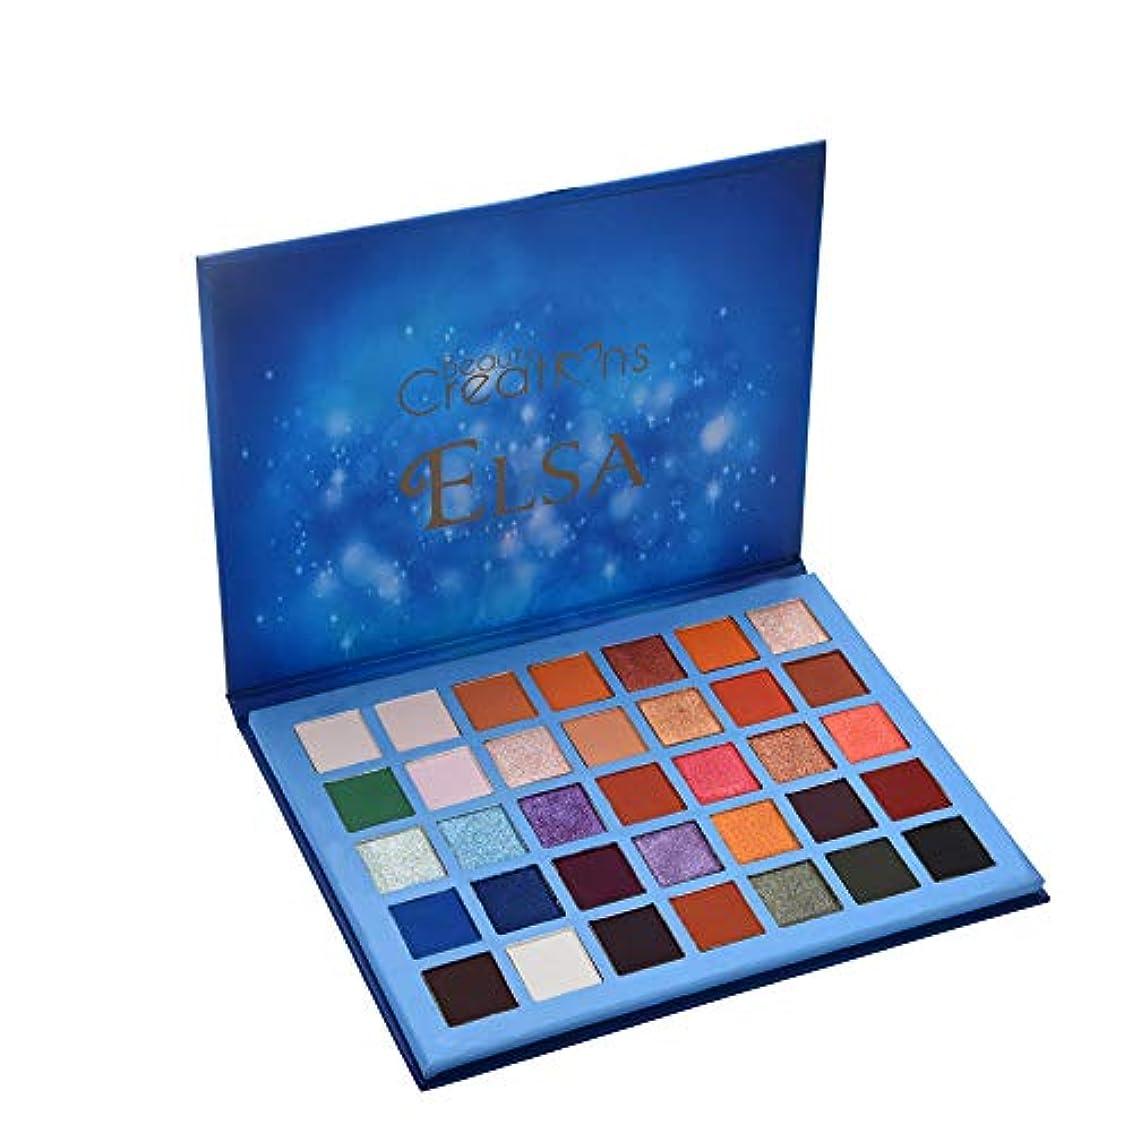 エレガント空白研究所アイシャドウ パレット 35色 Akane スカイアイアイシャドウ 持ち便利 Eye Shadow ビューティクリエーション エルサ スカイアイアイシャドウ (35色)